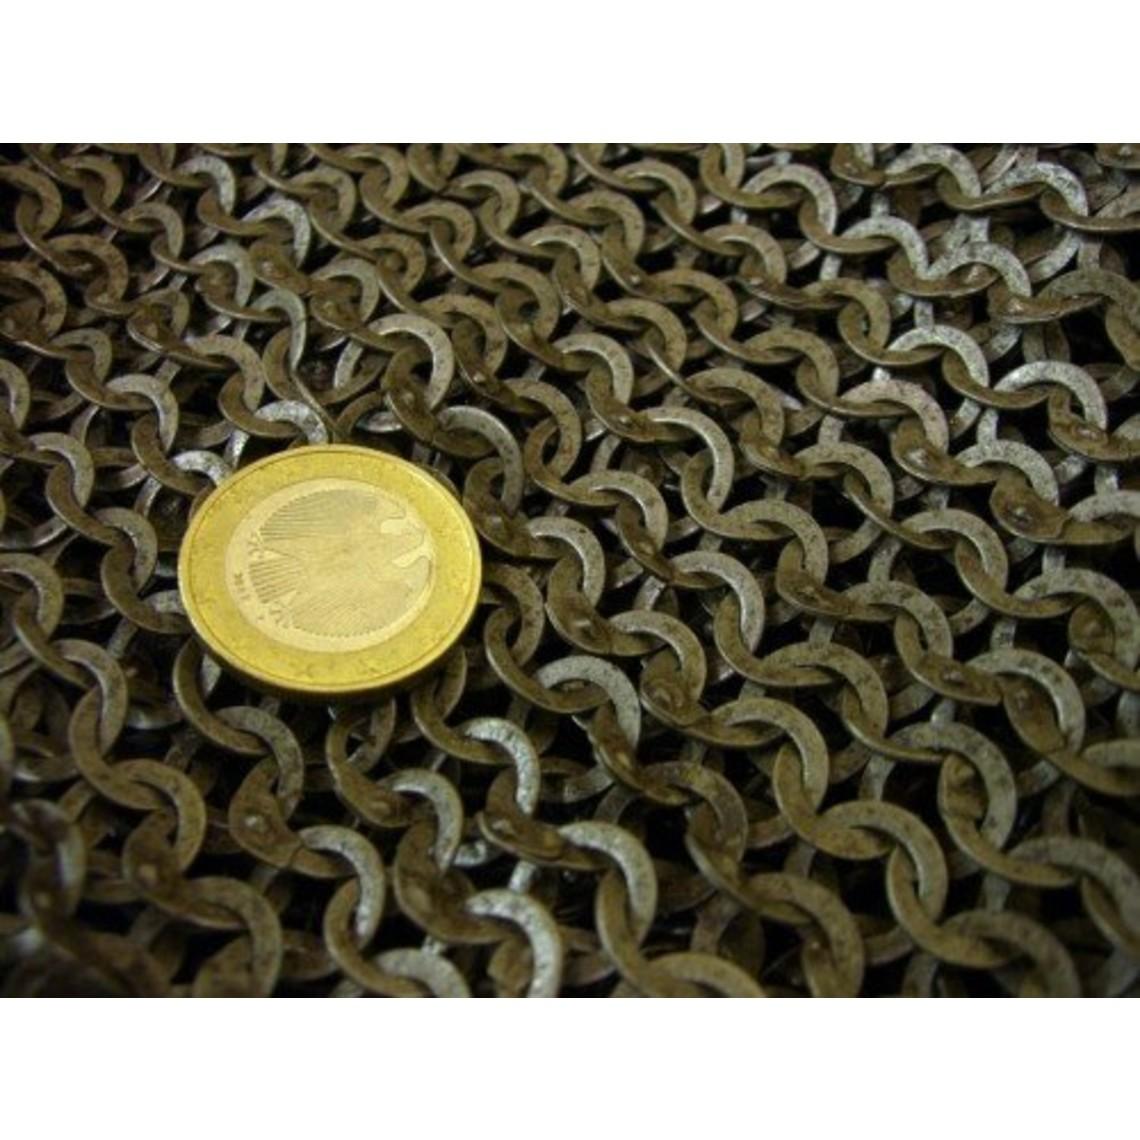 Ulfberth 1 kg płaskie Pierścienie, nity klin 8 mm